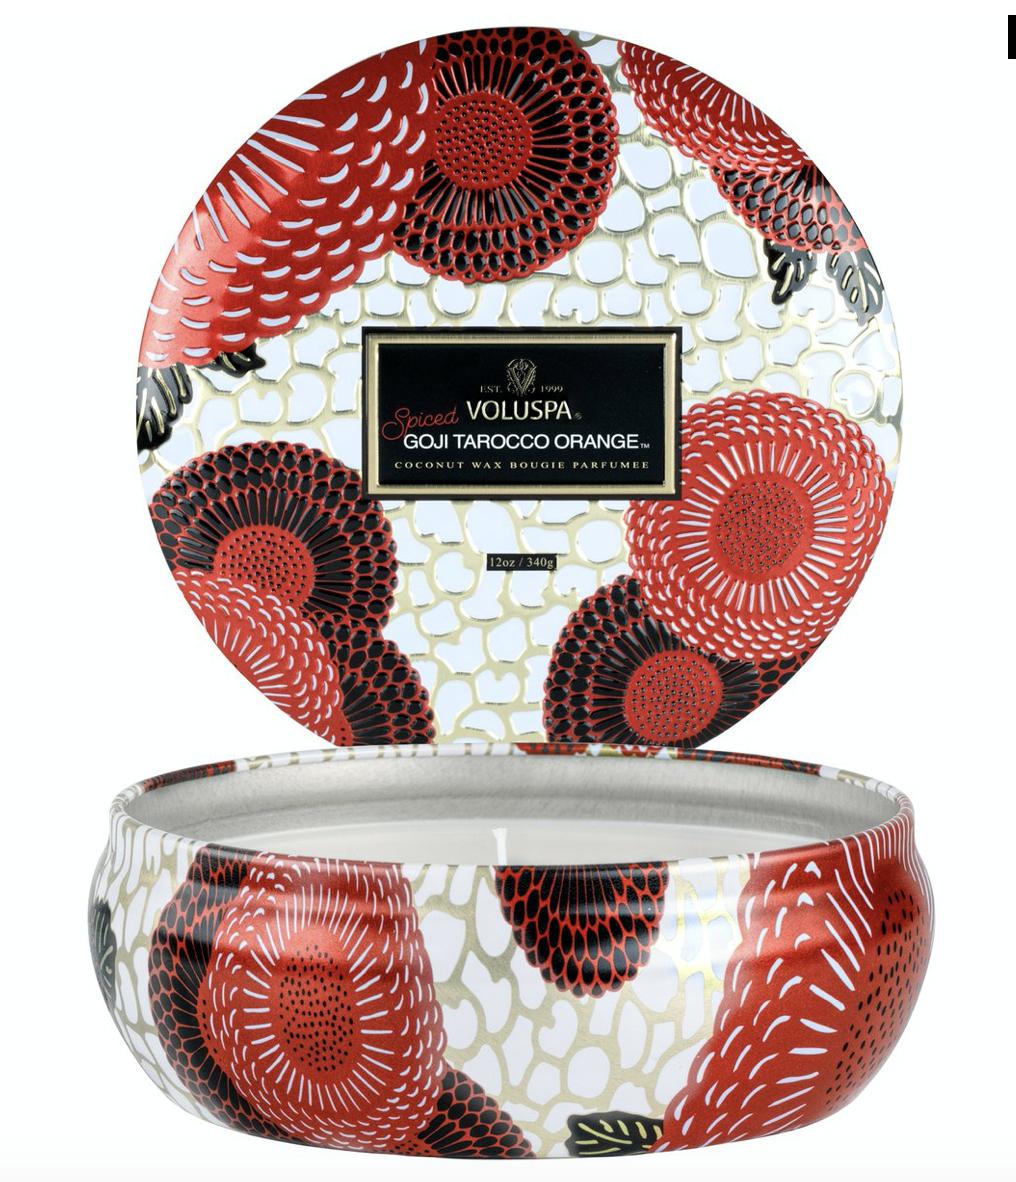 Voluspa Spiced Goji 3-Wick Candle in Tin